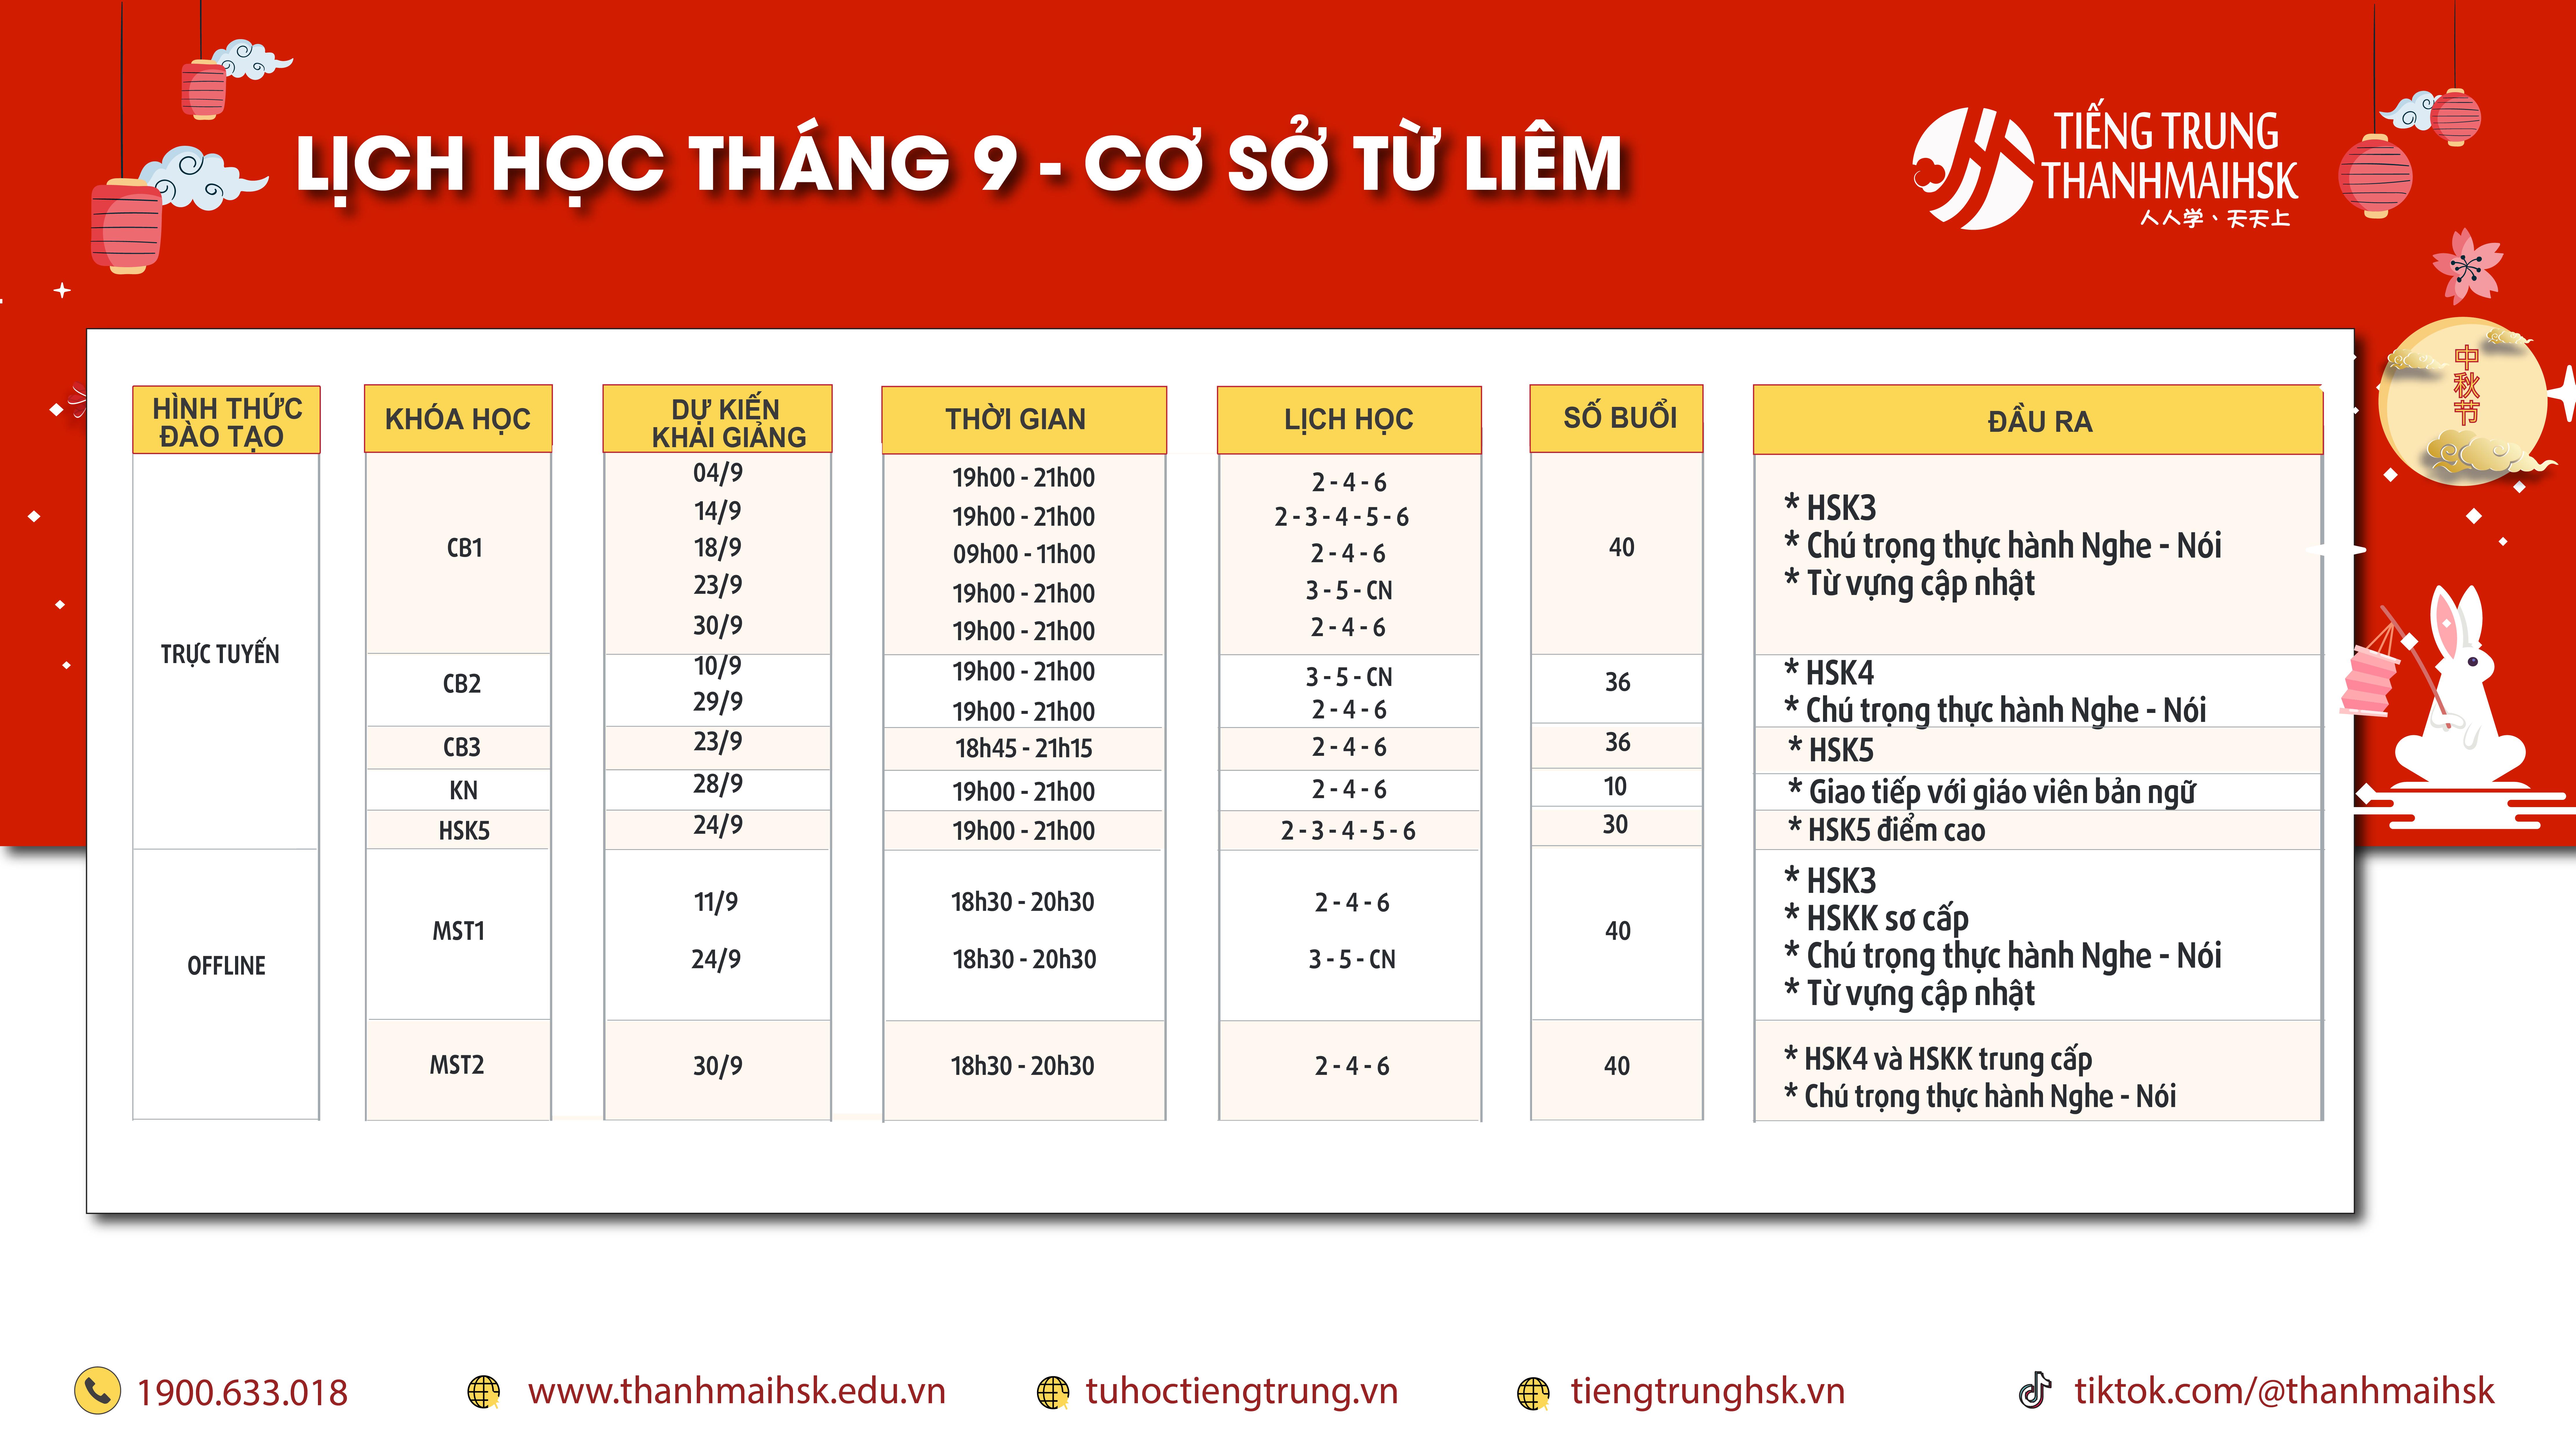 Lịch khai giảng lớp Tiếng Trung cơ sở Từ Liêm Tháng 9/2020